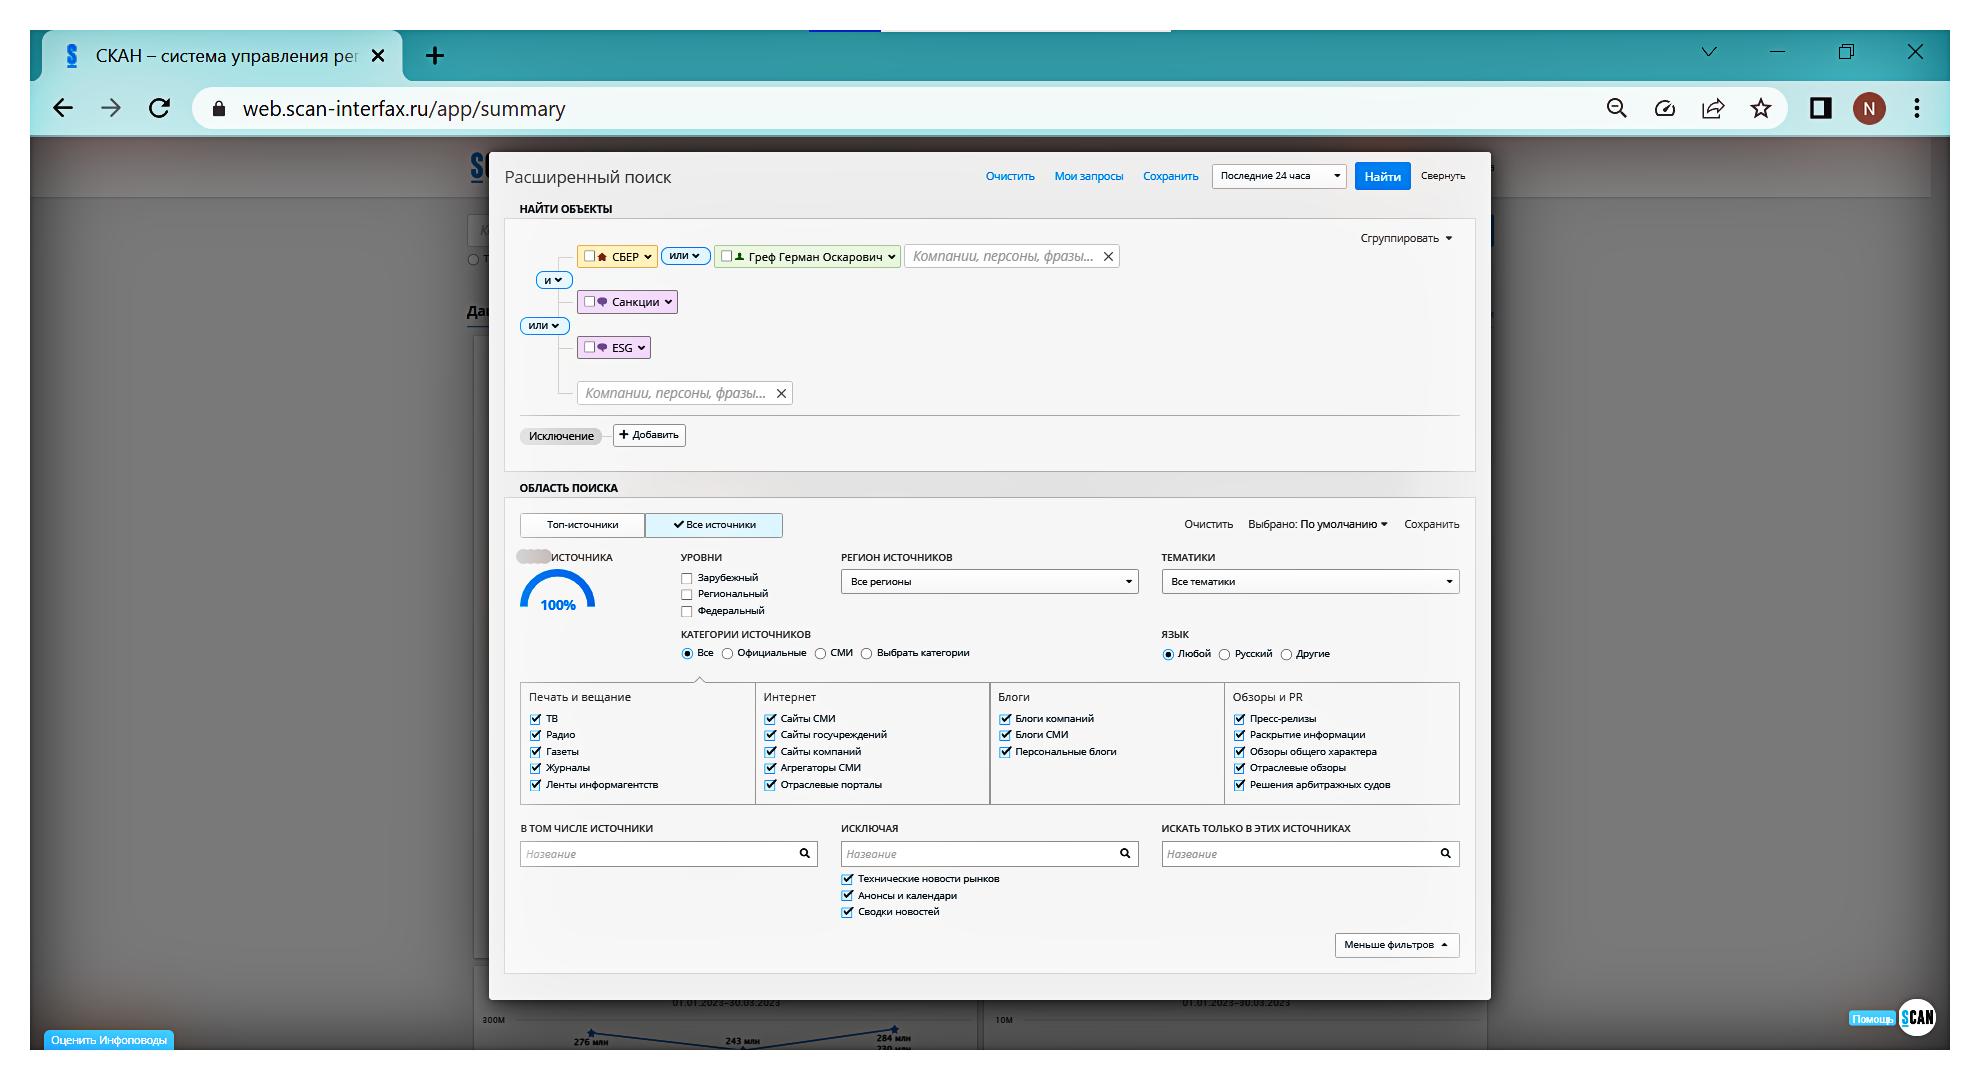 Просмотр публикаций в системе мониторинга и анализа СМИ СКАН Интерфакс